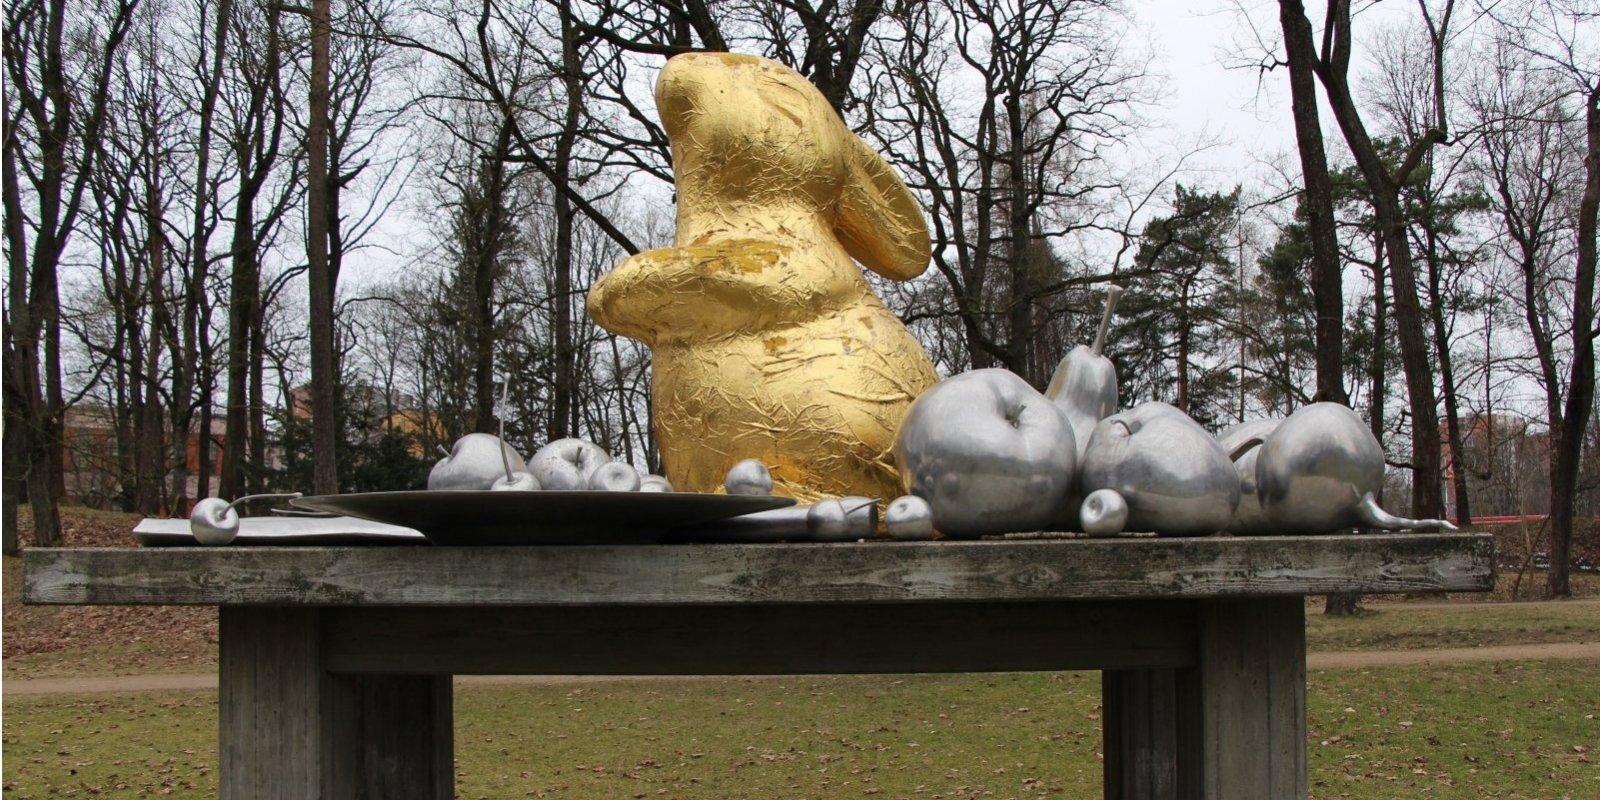 Klusā daba ar Lieldienu zaķi. Kur meklēt mākslu Rīgas ielās un parkos